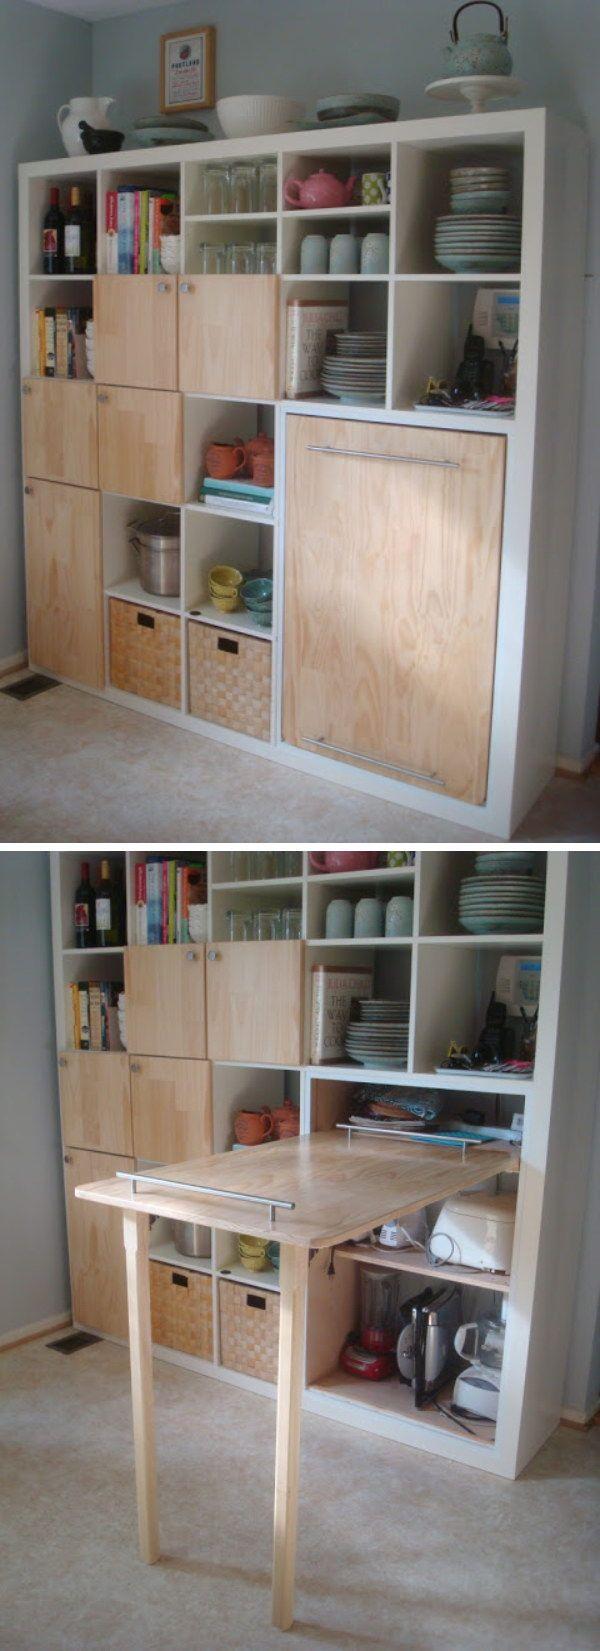 Ziehen Sie Gegenoberseite für Küche-Speicher.  Erstellen Sie eine ausziehbare Theke mit IKEA Hacks für mehr Küche Lagerung.